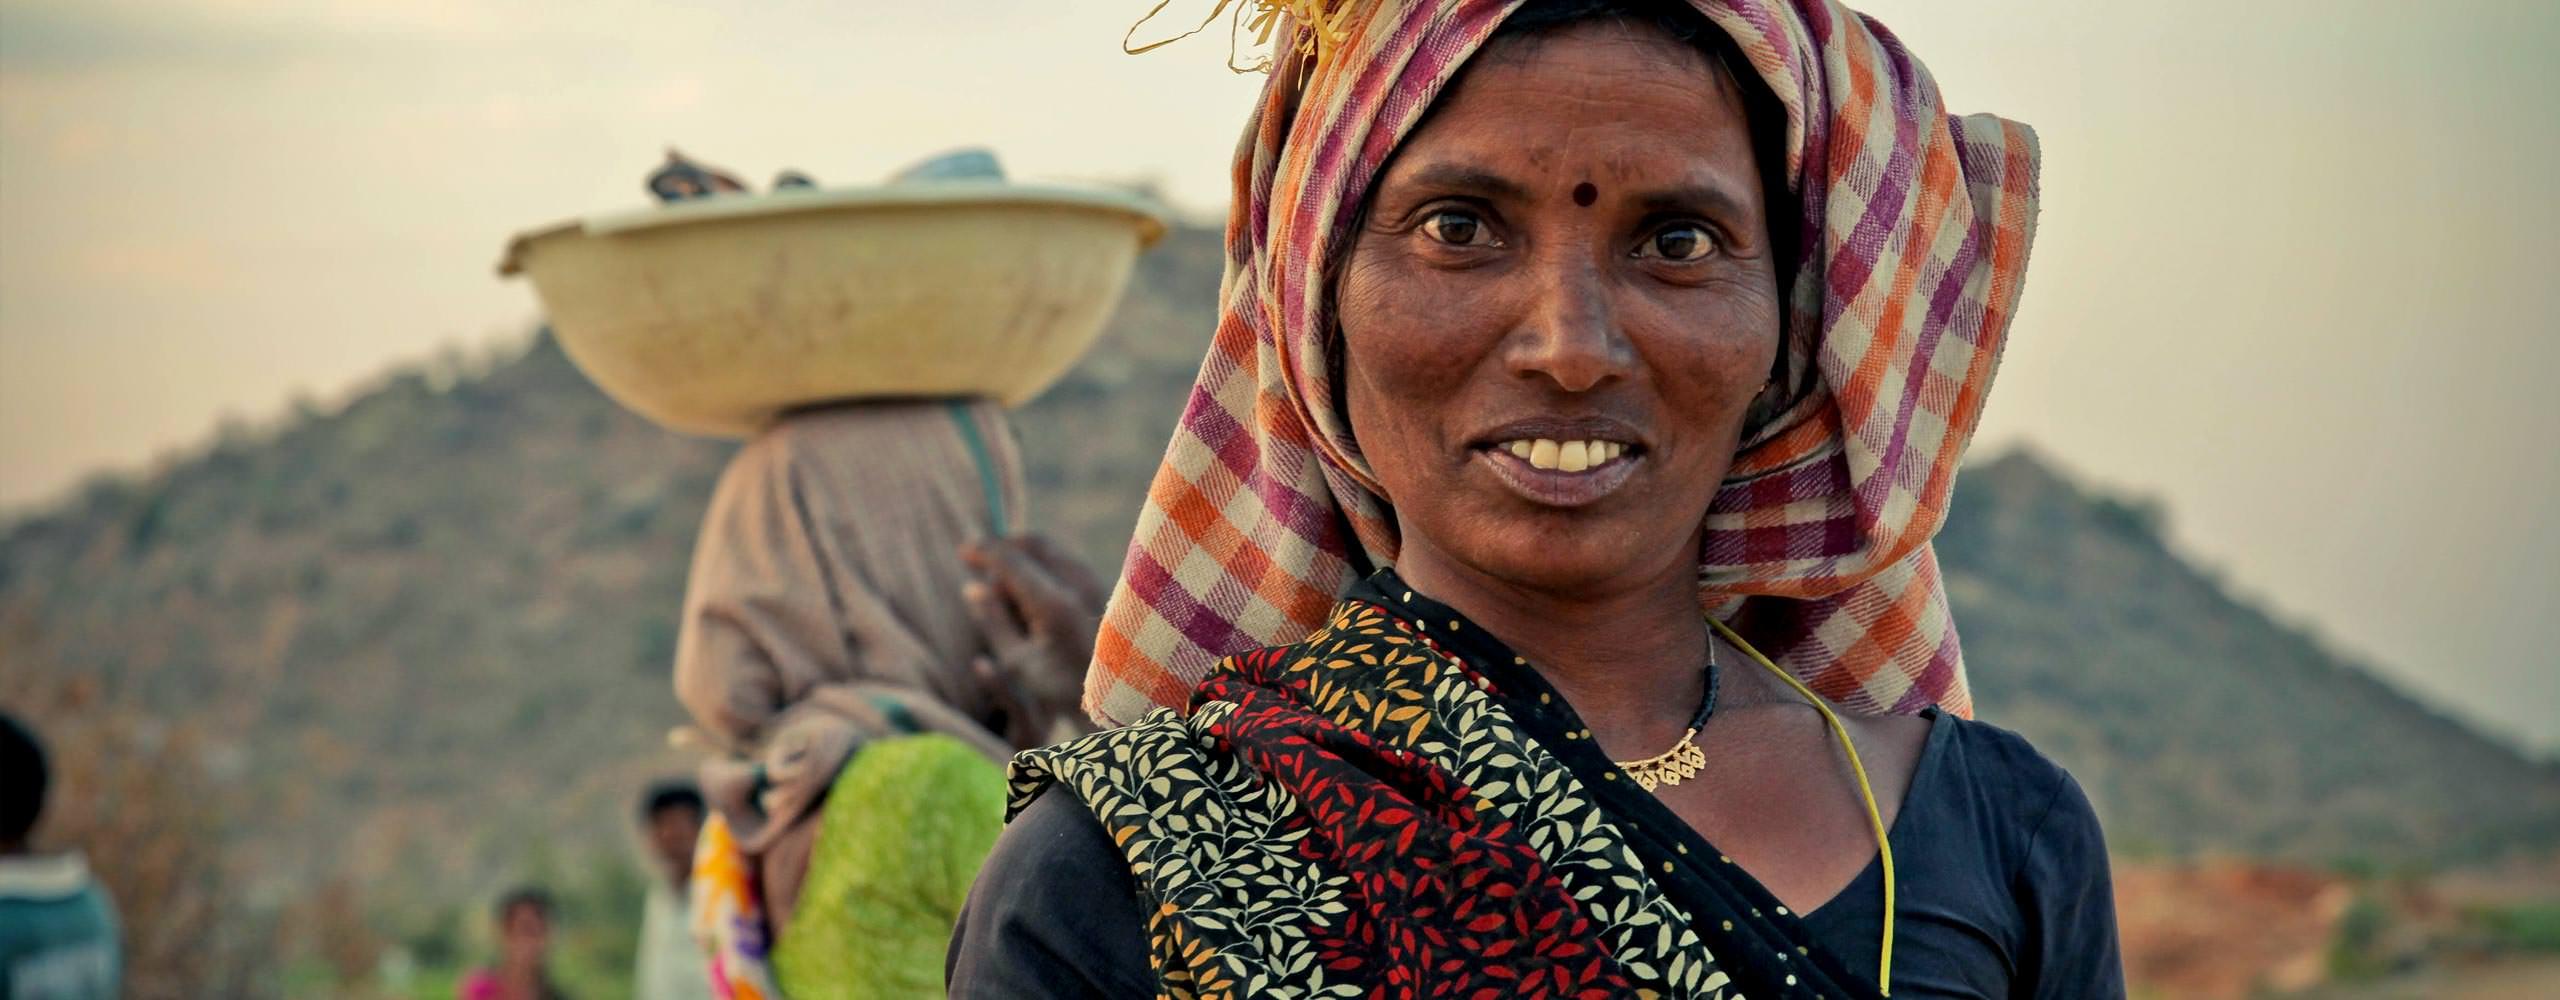 מפגשים עם מקומיים בטיולי ג'יפים בהודו